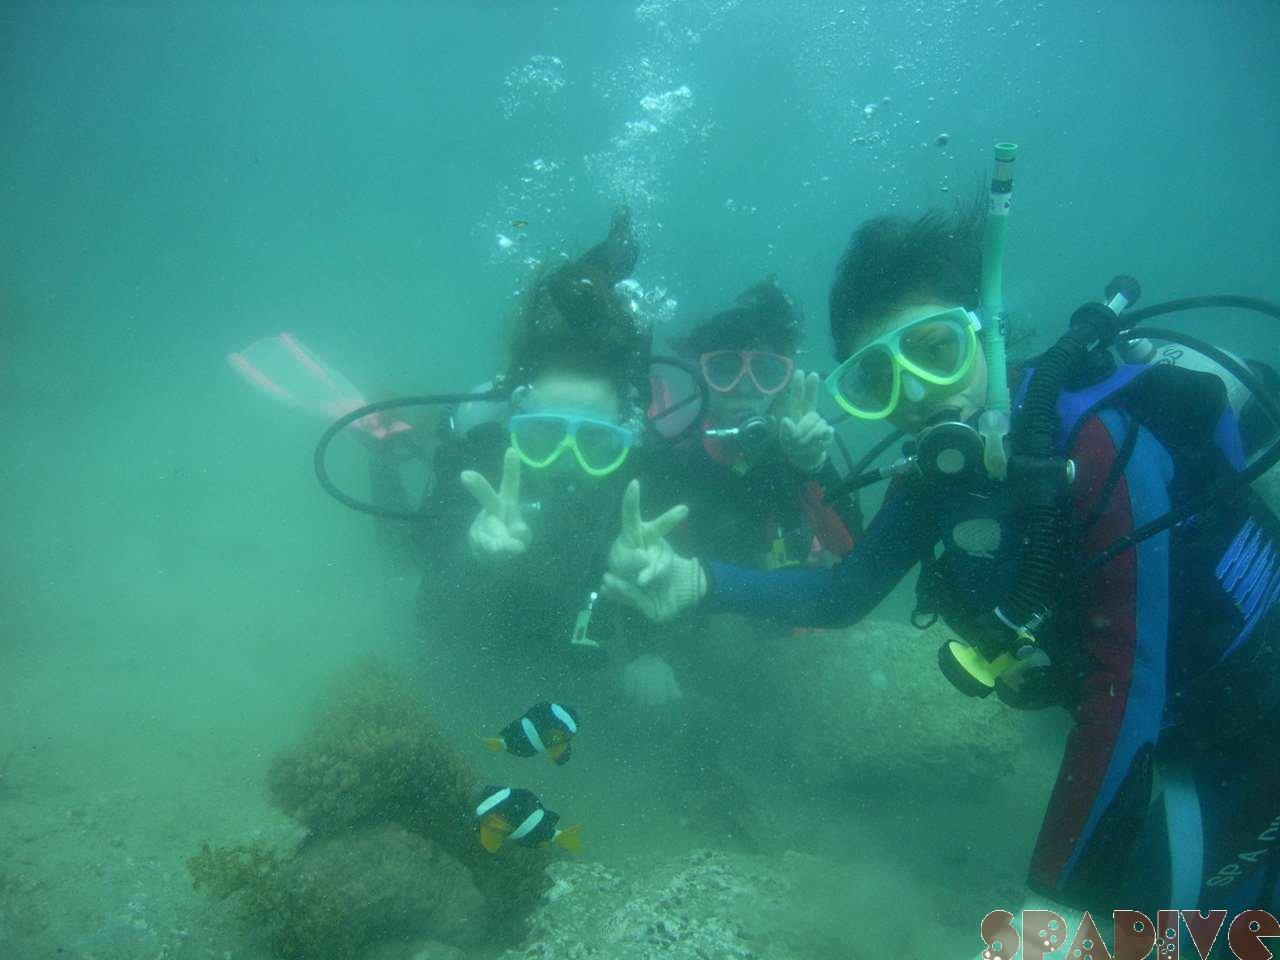 2007年6月撮影海フォトギャラリー|南紀白浜スパダイブ